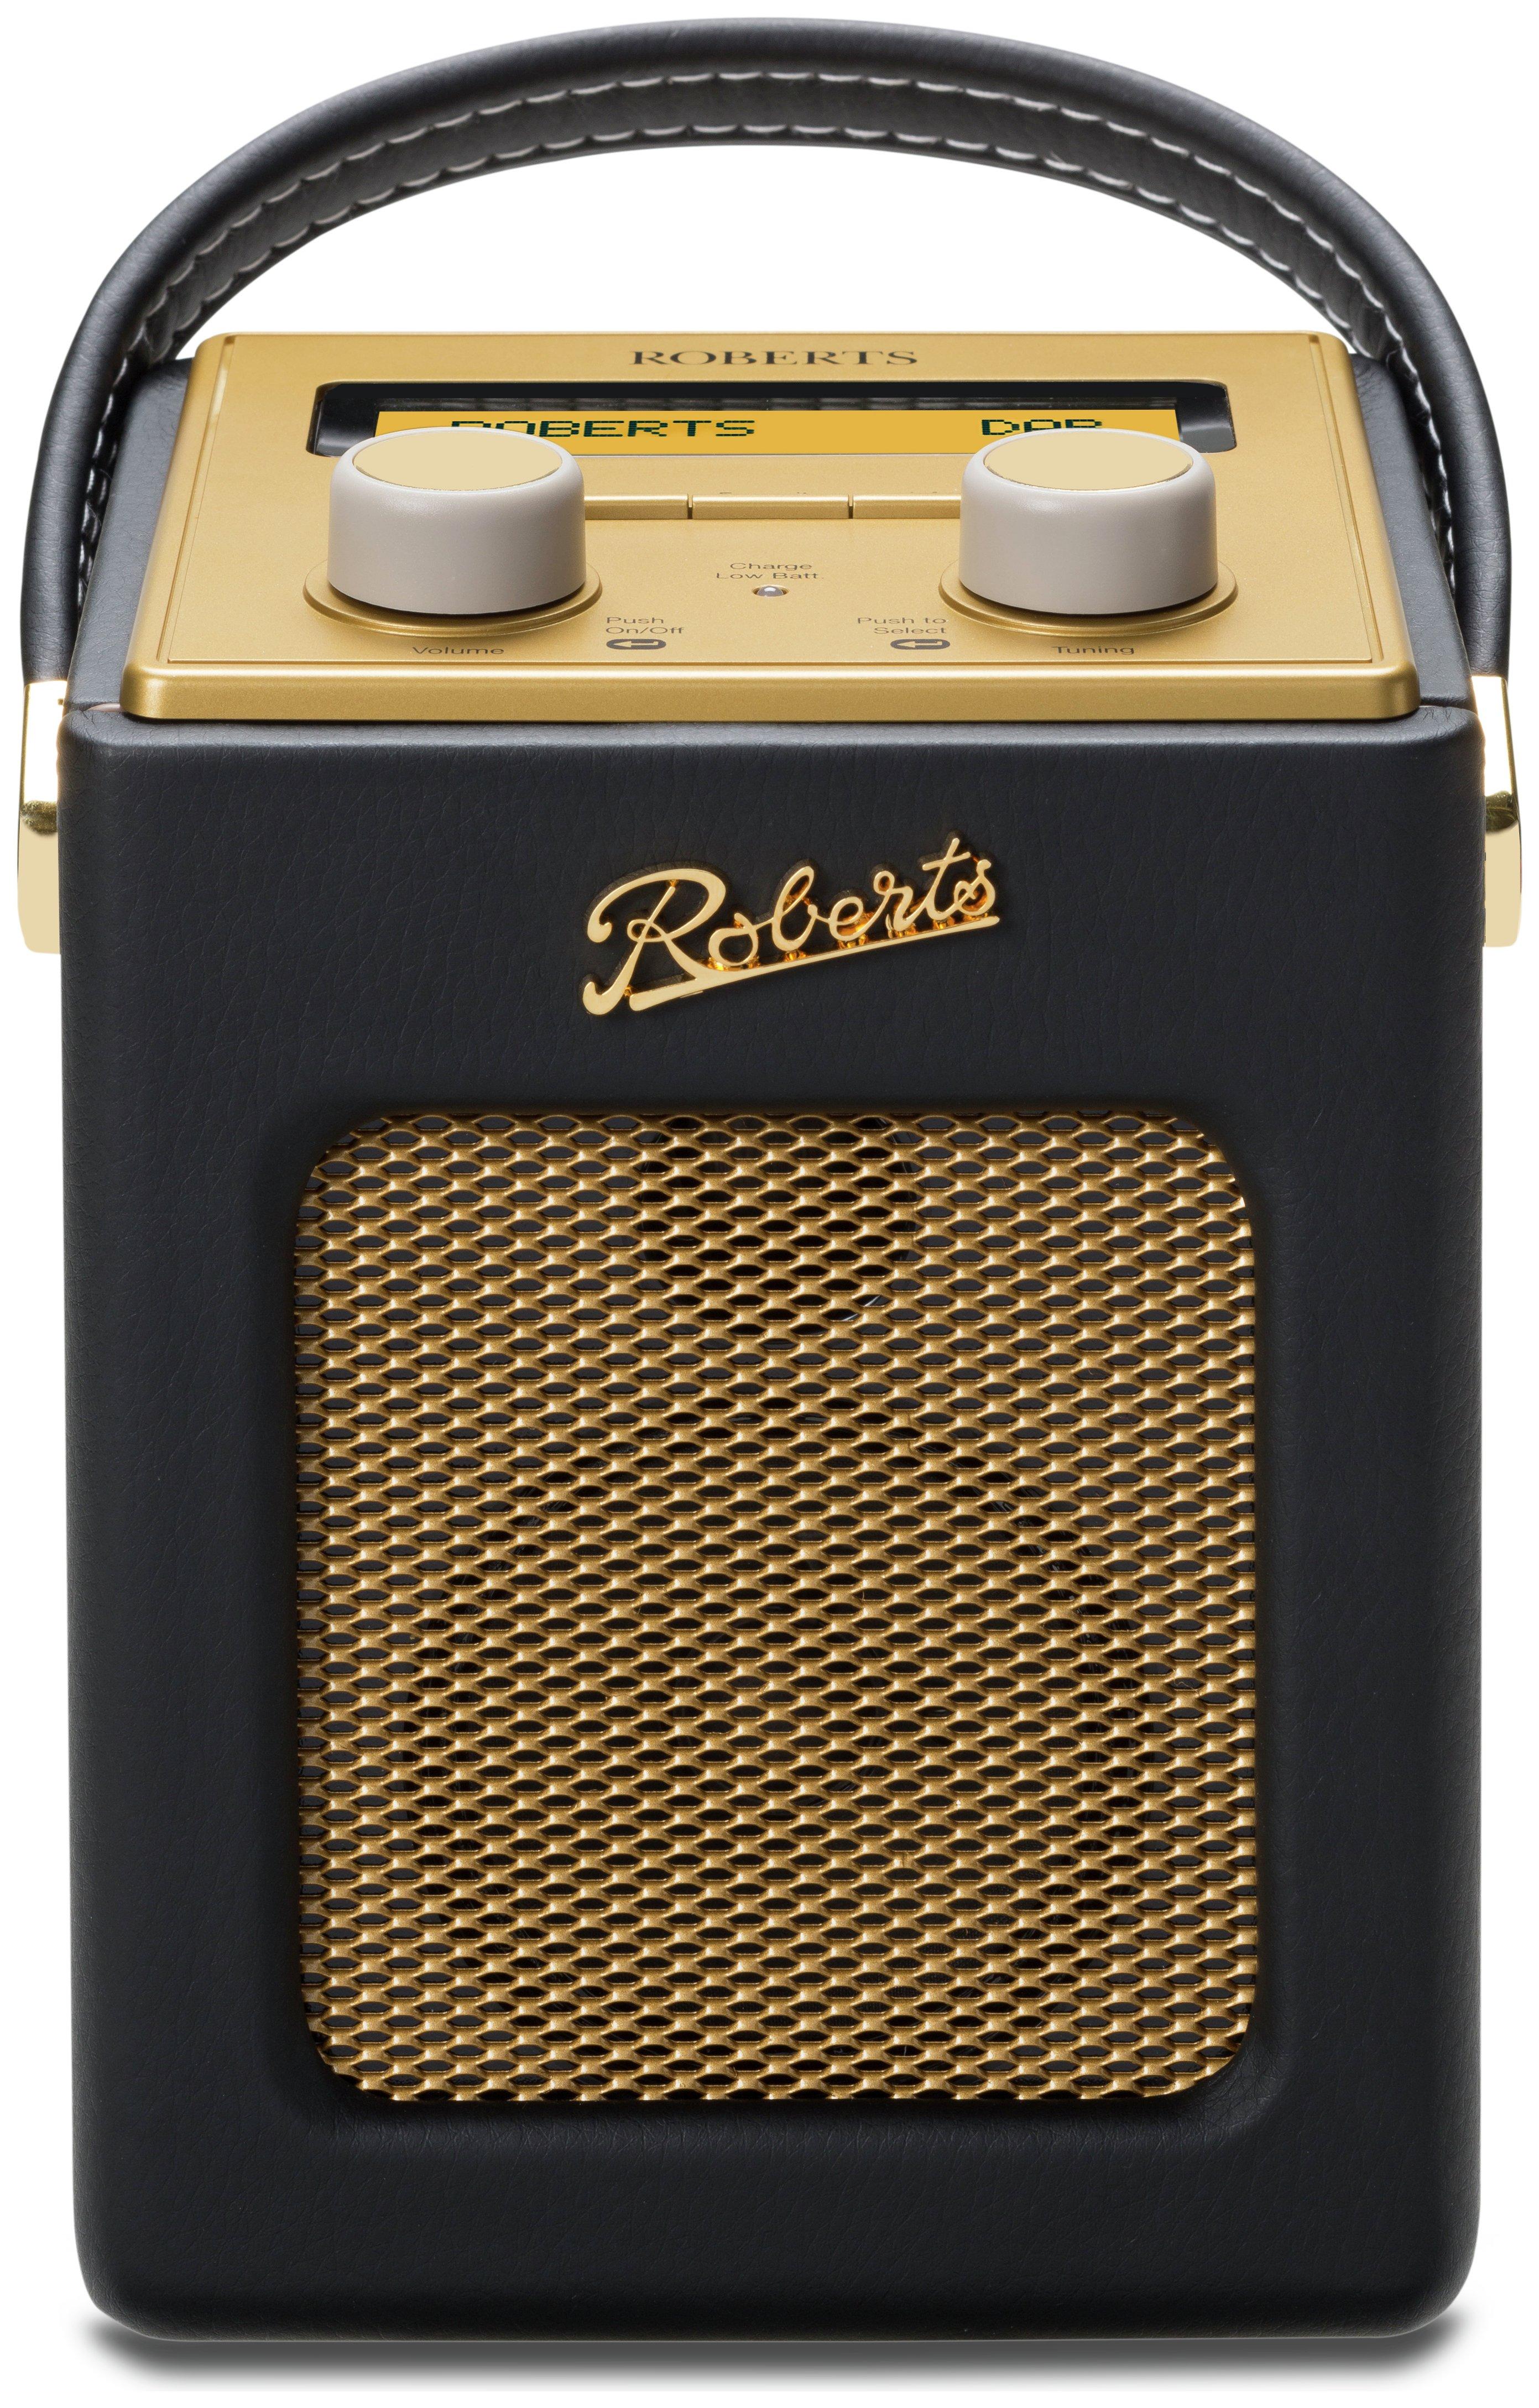 Roberts - Radio Revival Mini Digital Radio - Black